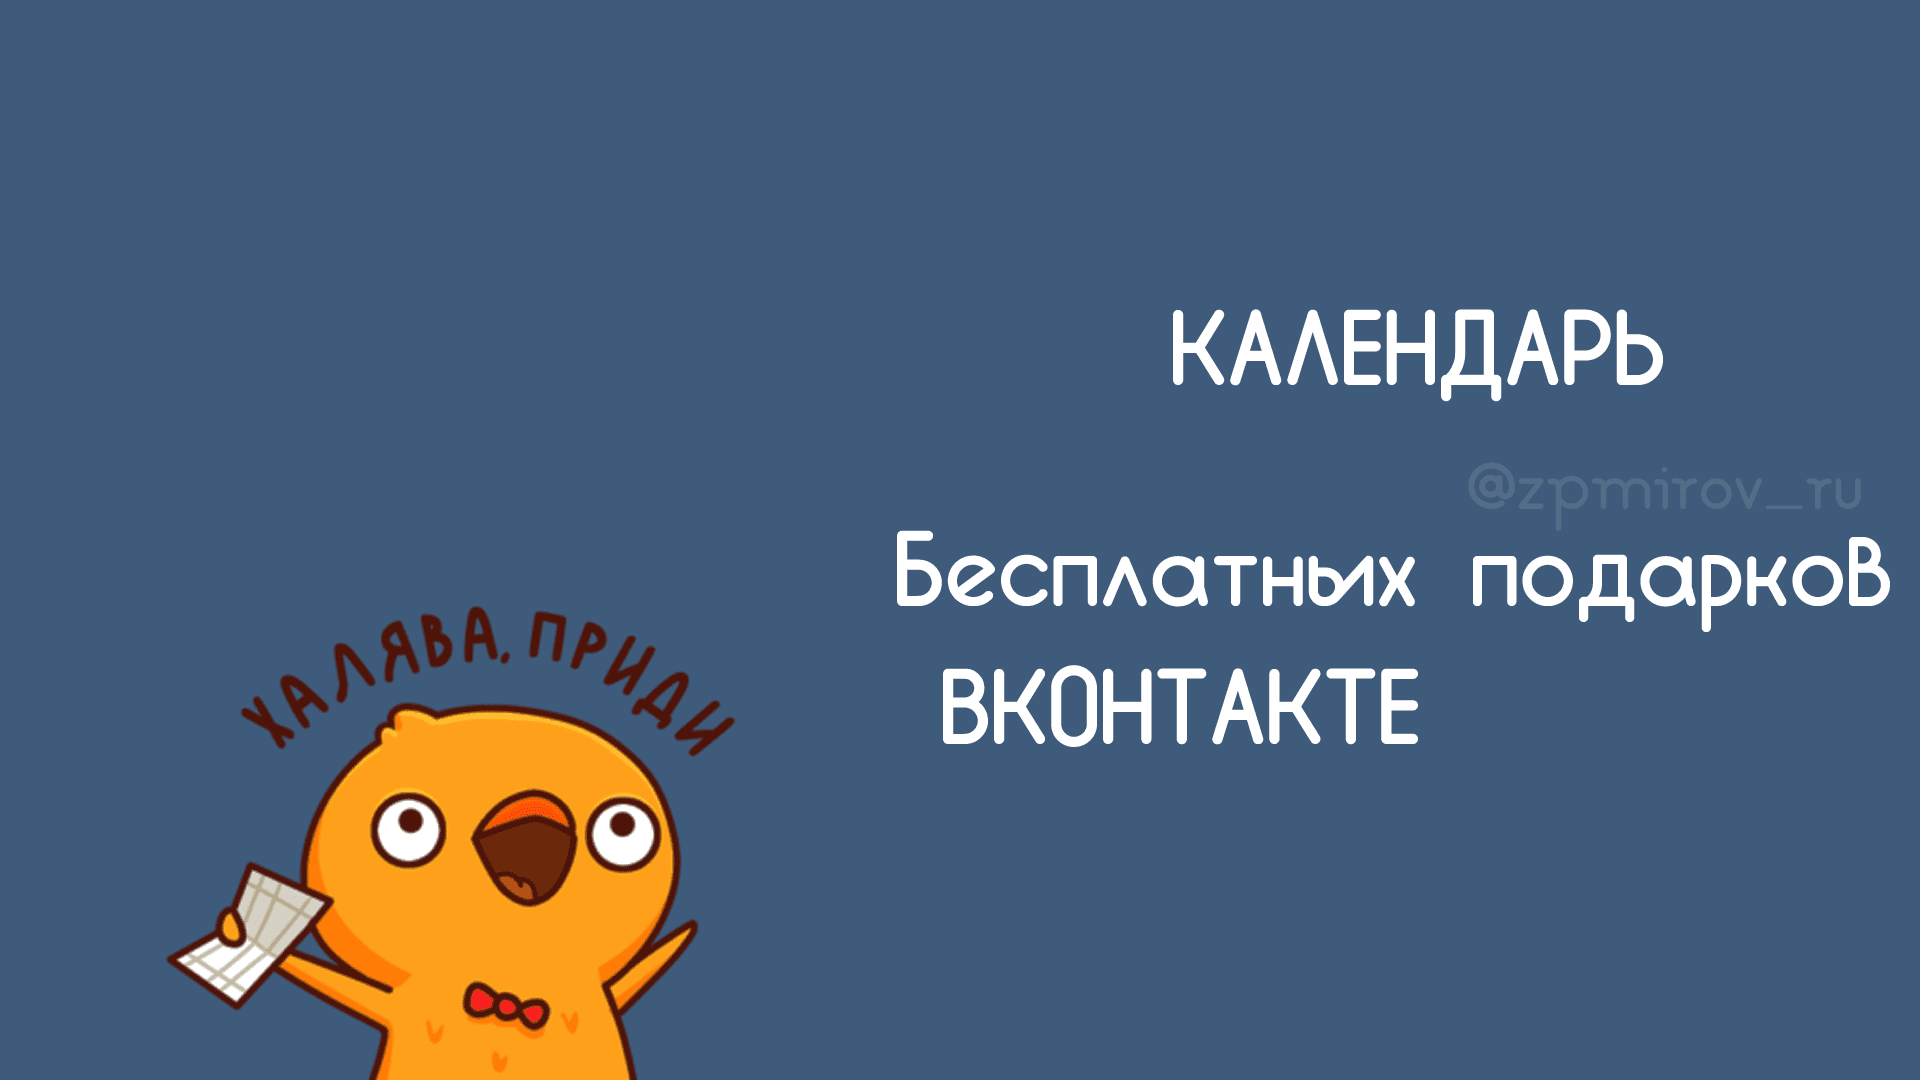 Календарь бесплатных подарков ВКонтакте